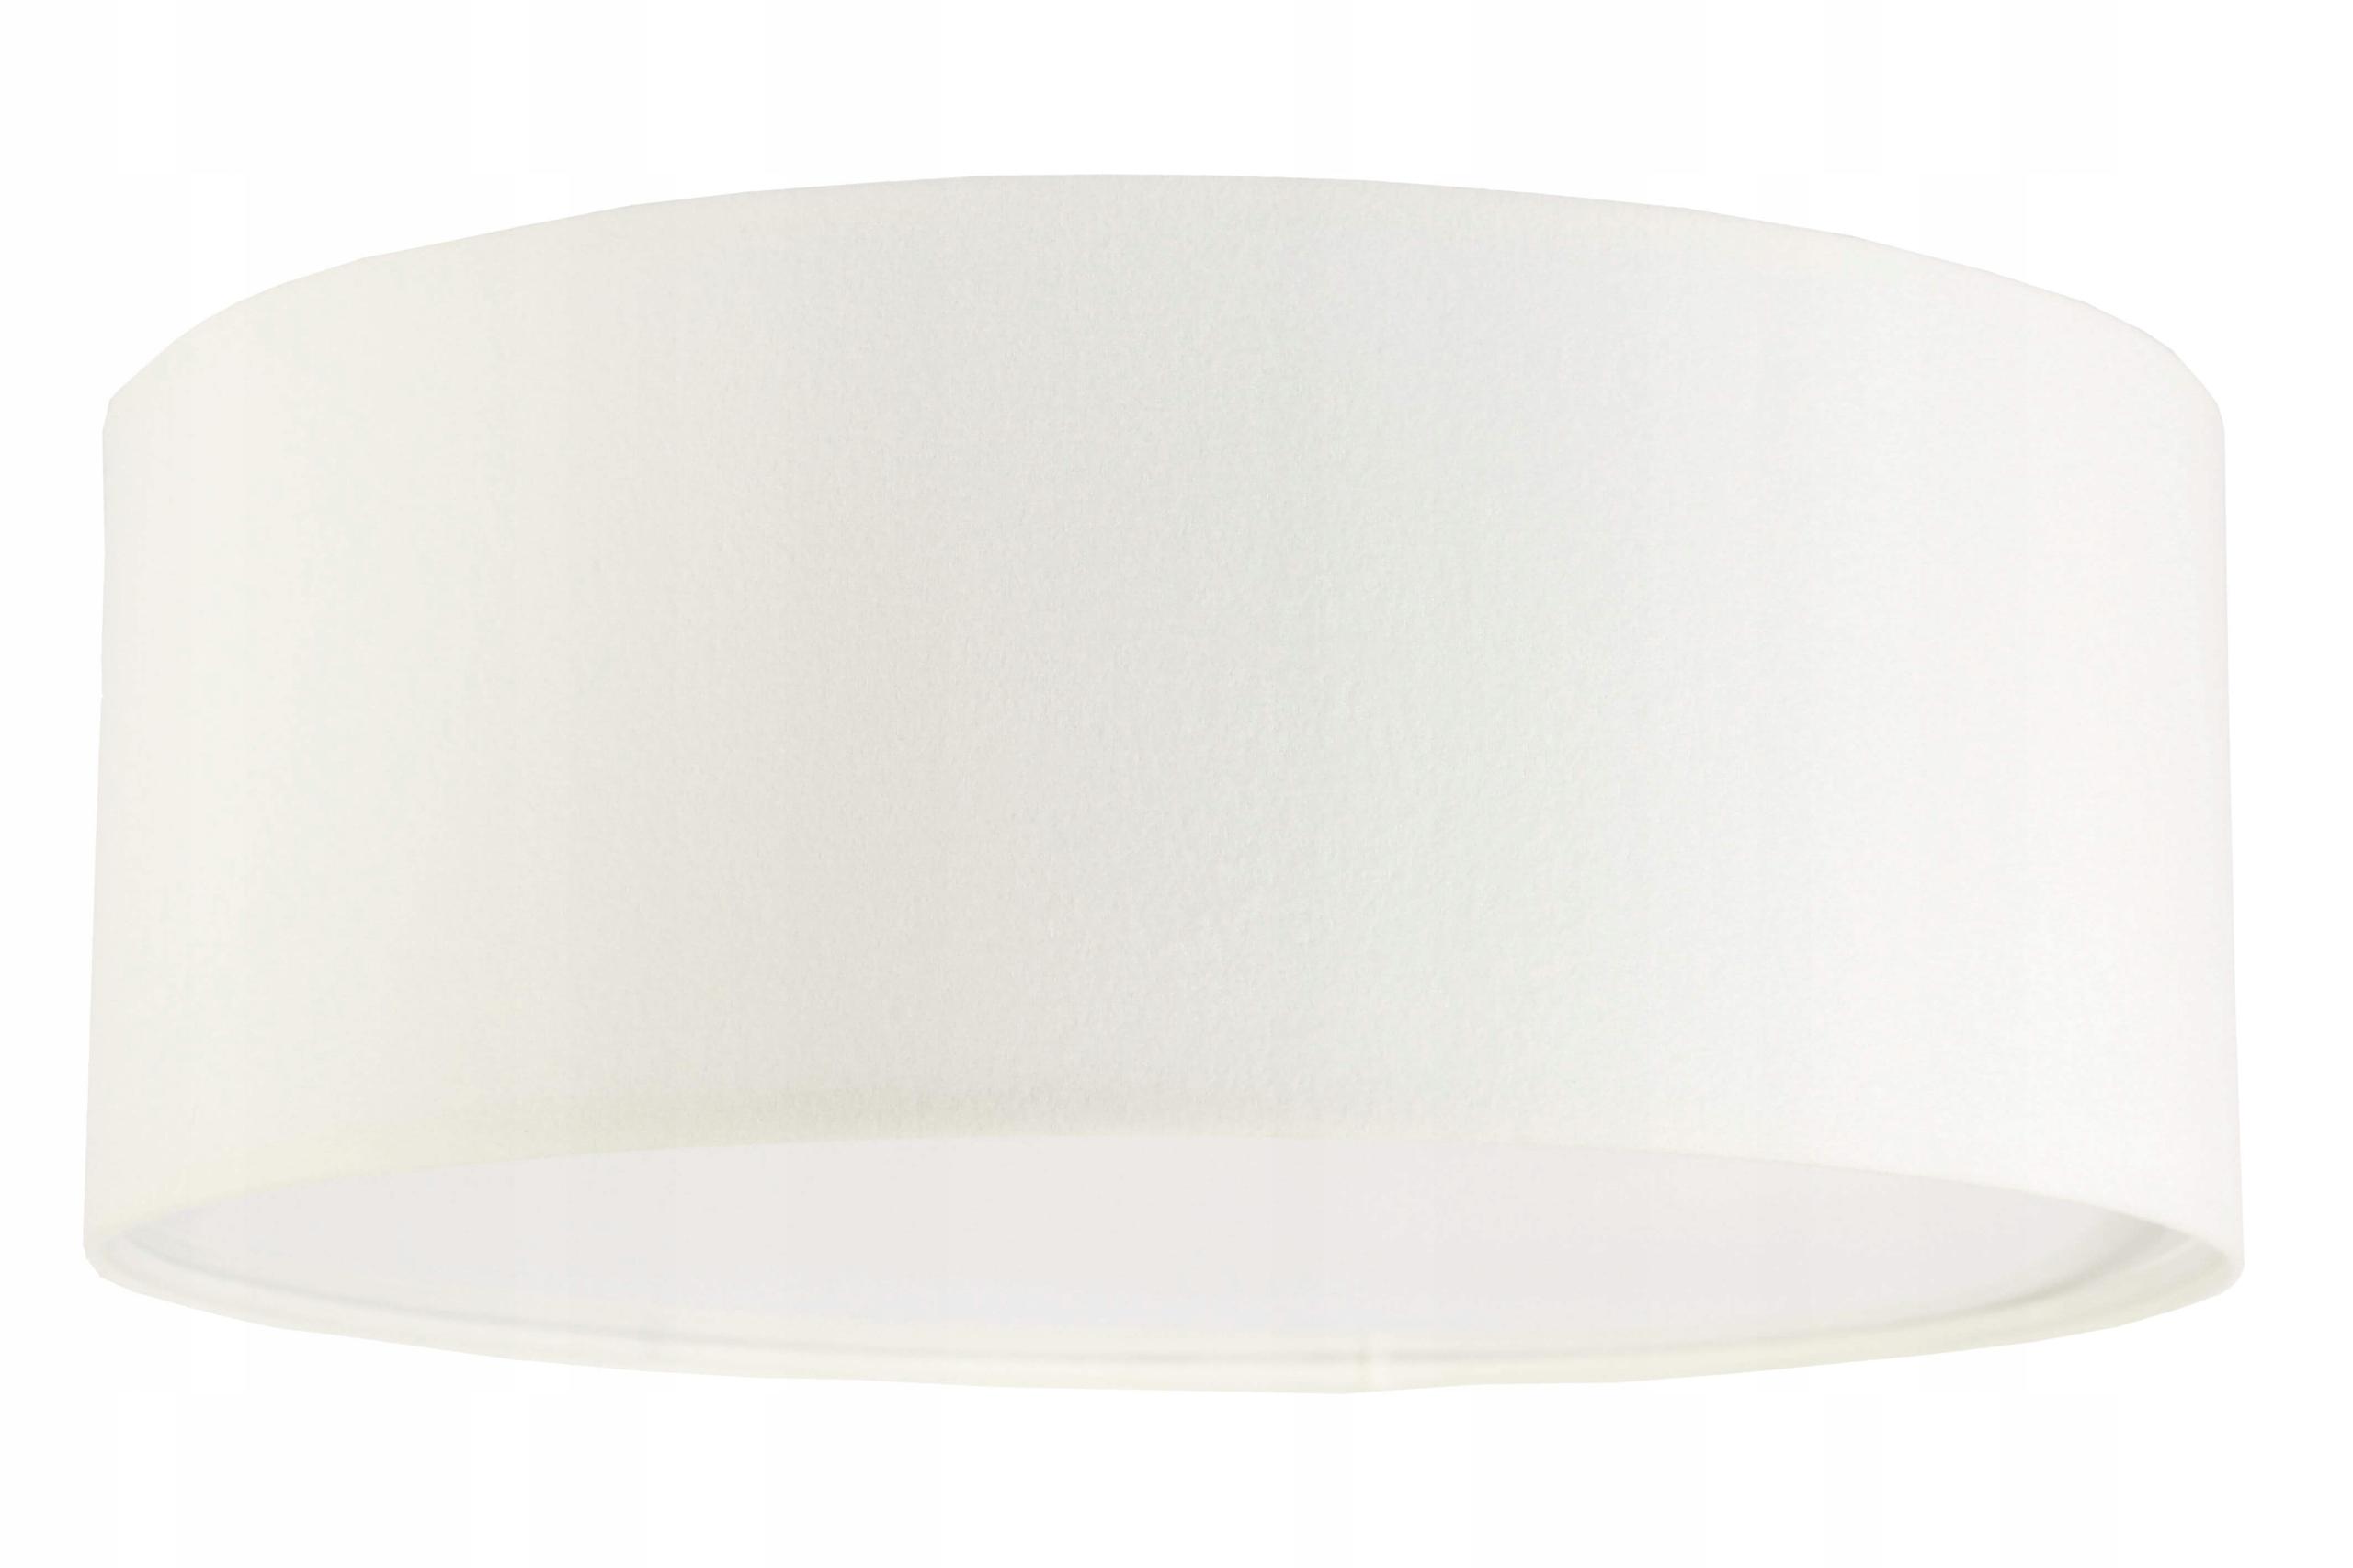 Plafond stropné svietidlo Vela bielych okrúhlych 40 cm